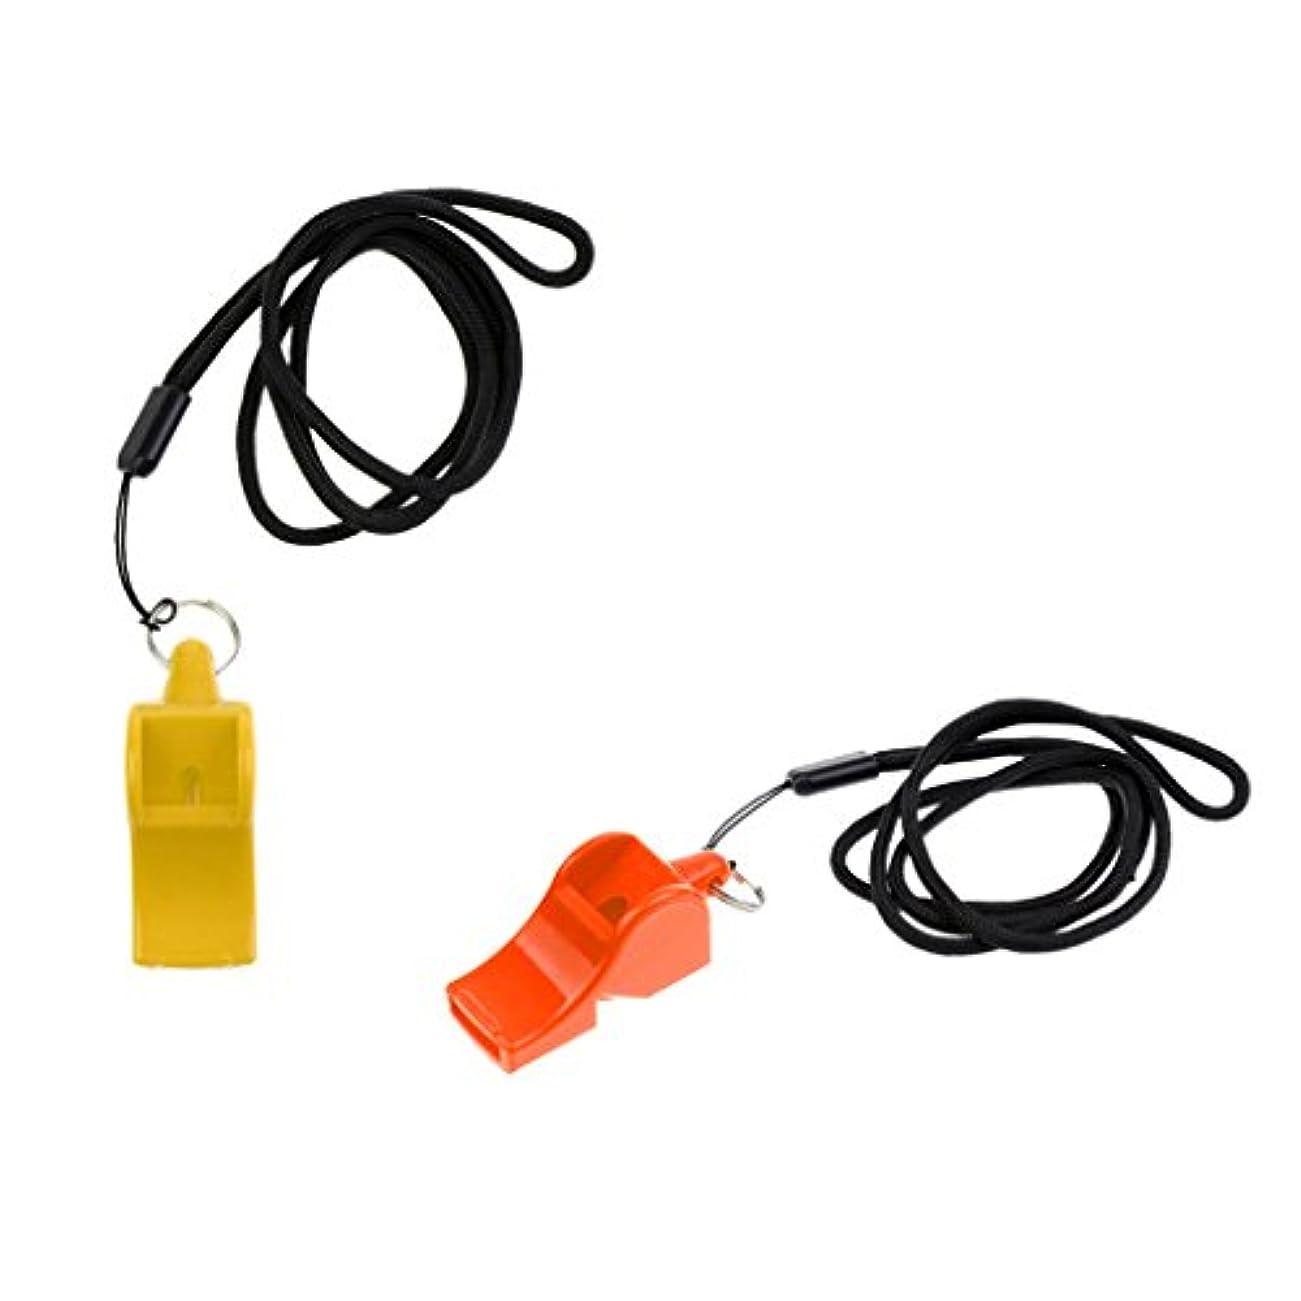 待つフロンティア無数のSONONIA 2個 サバイバル 屋外 緊急用 防災 ストラップ付き ホイッスル 呼子笛